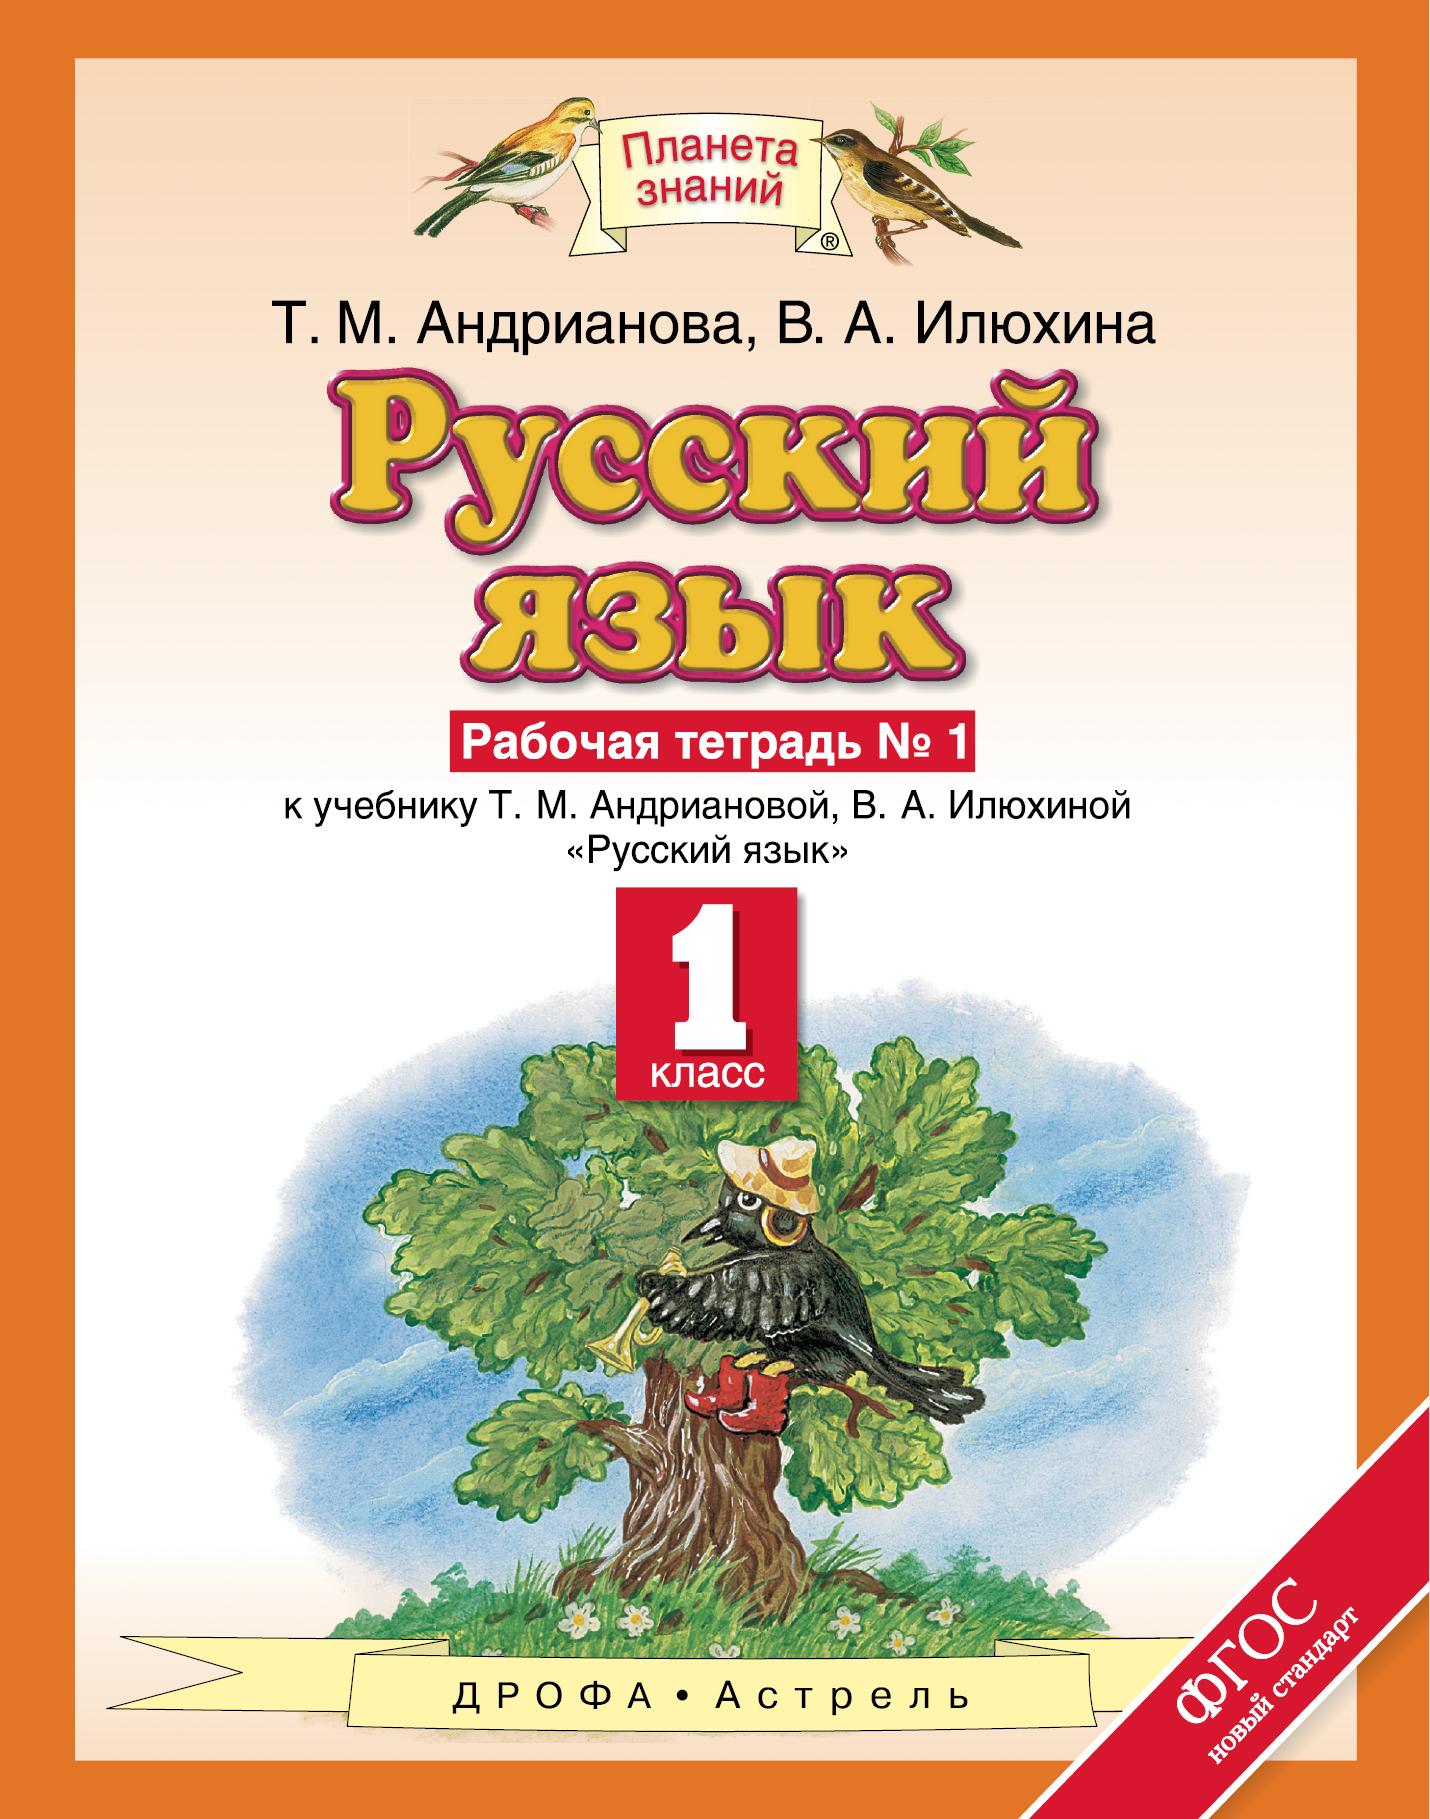 Русский язык. 1 класс. Рабочая тетрадь № 1.